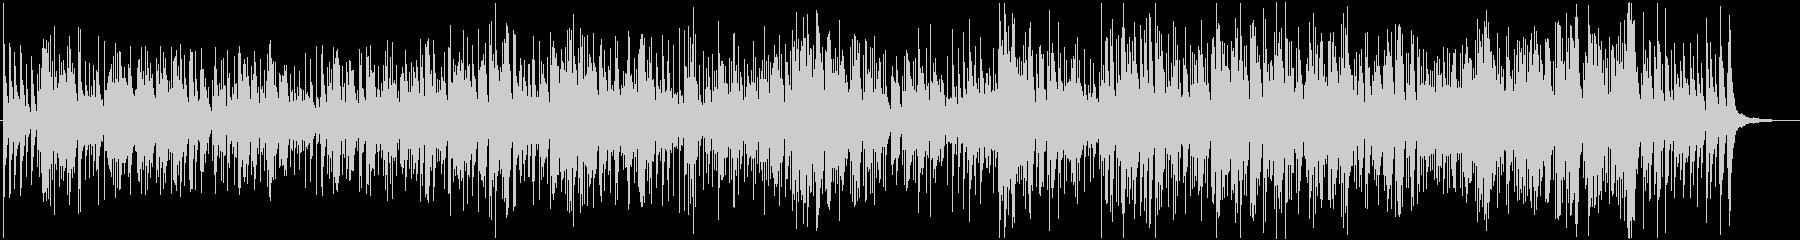 猫のフーガのギターアレンジ曲の未再生の波形